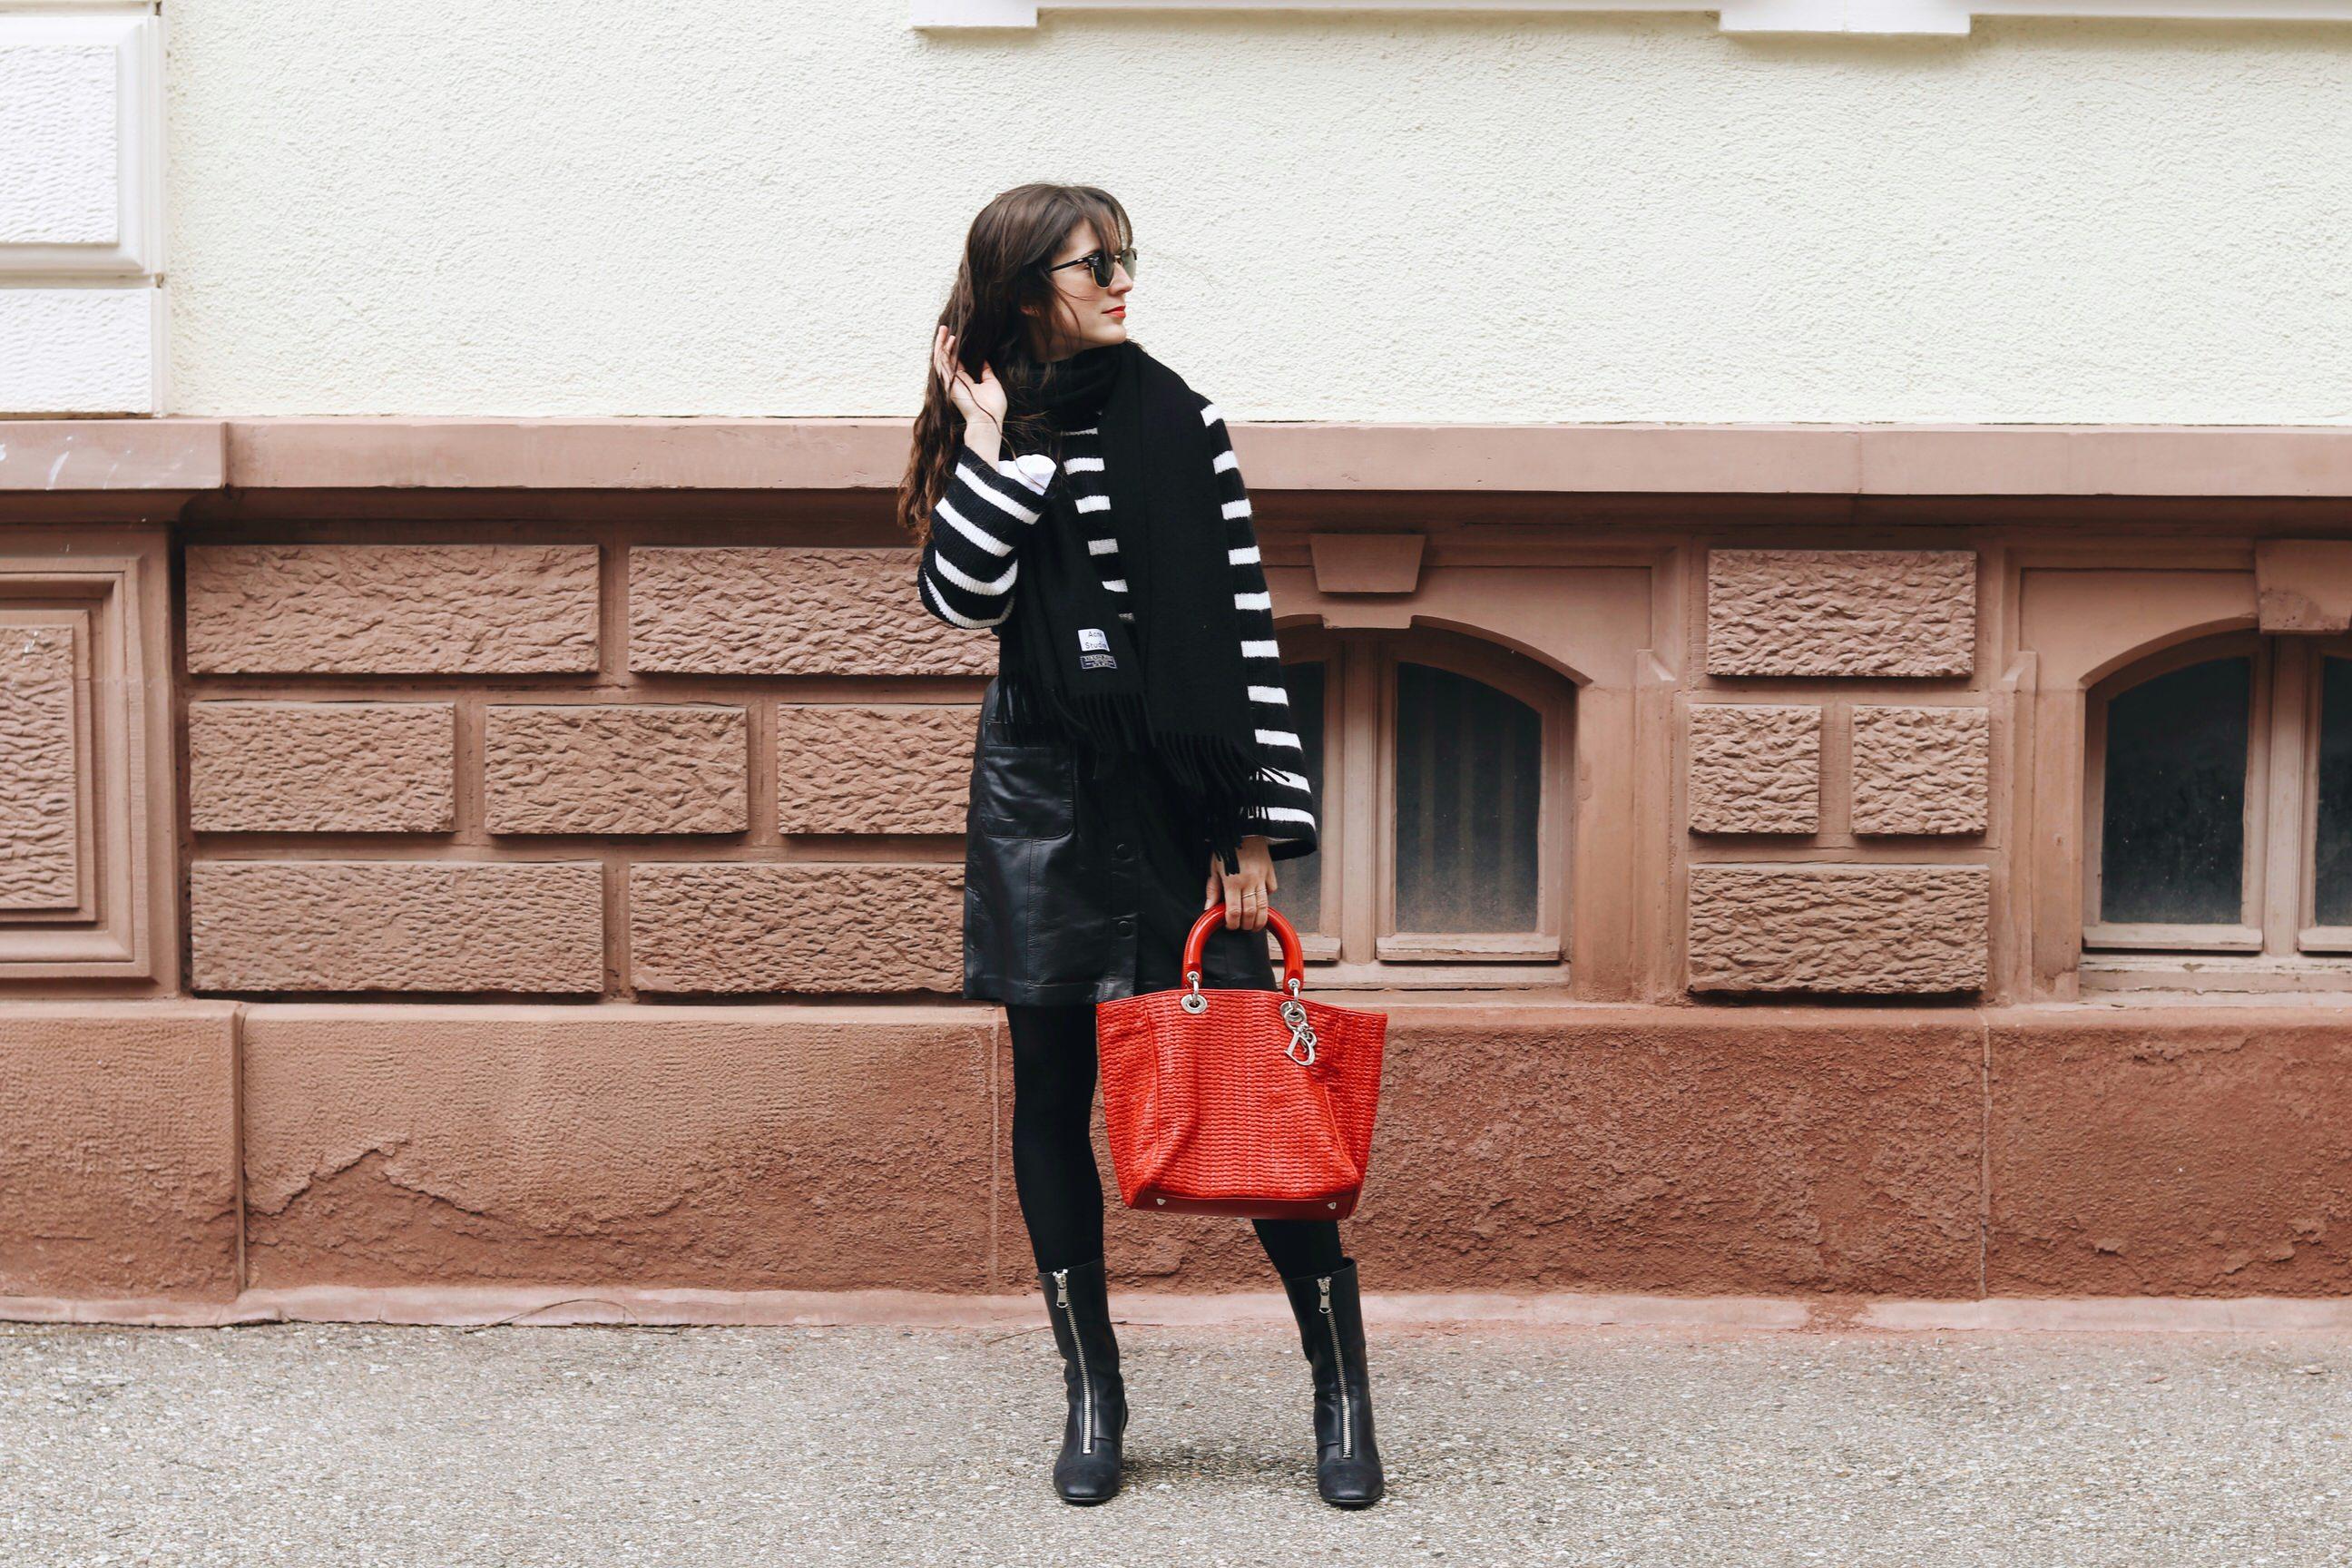 French Chic Outfit Post Instagram Modeblog Modebloggerin Freiburg Deutschland Lederrock Stiefeletten Dior Tasche in rot blogger streetstyle